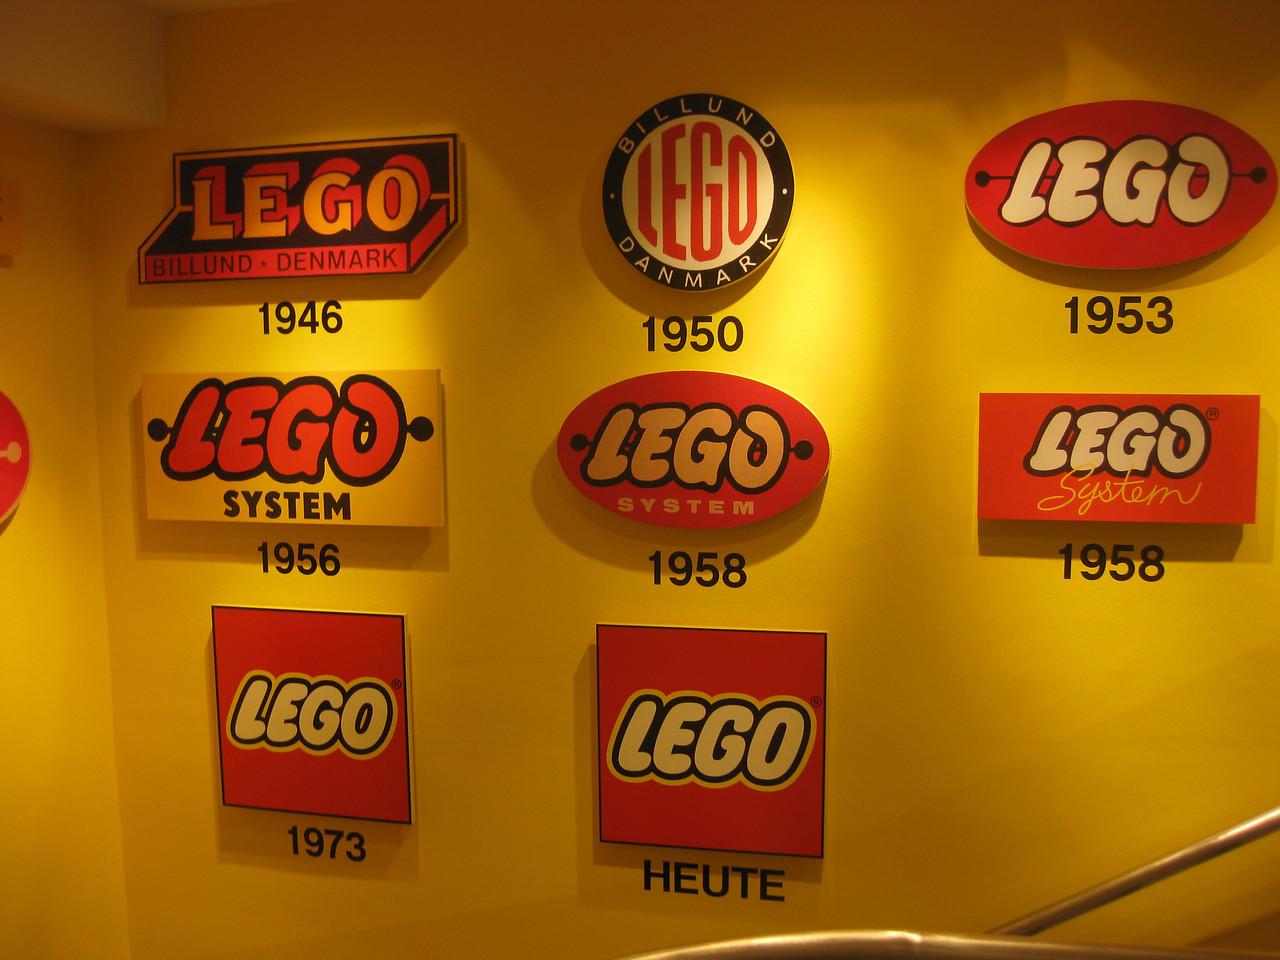 Lego logos through the years